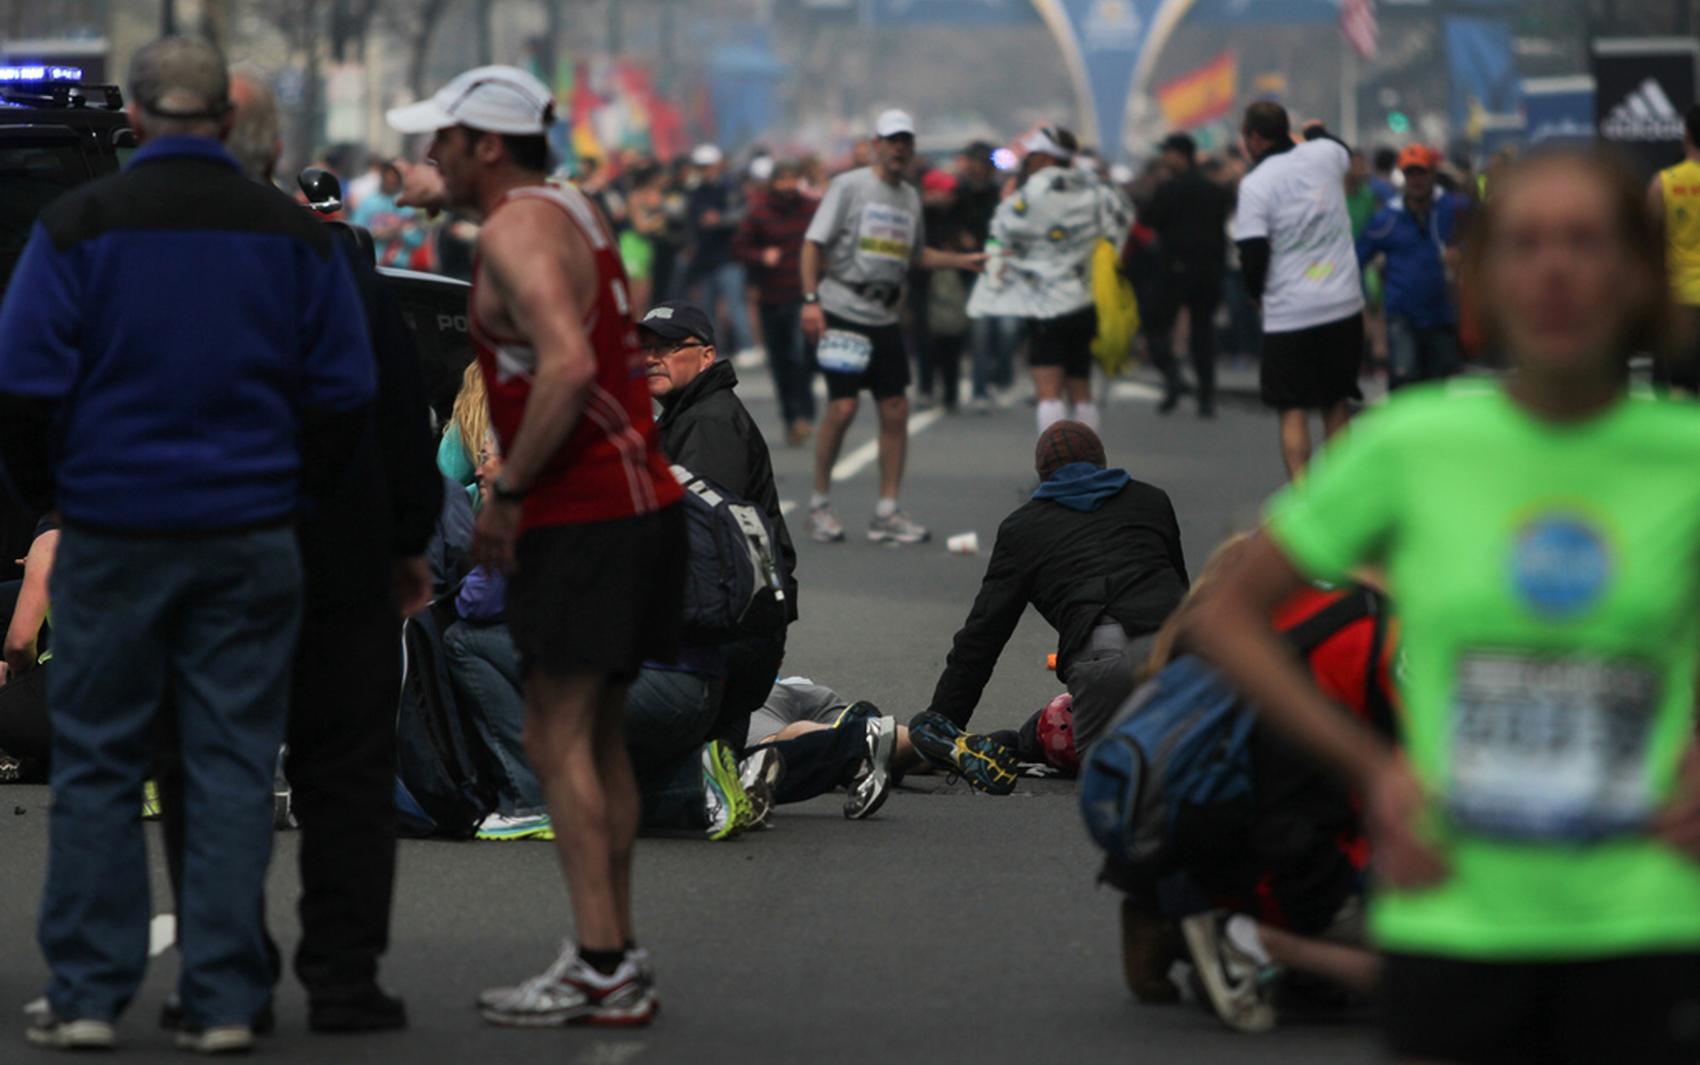 Atletas feridos são atendidos no local de explosão em Boston.